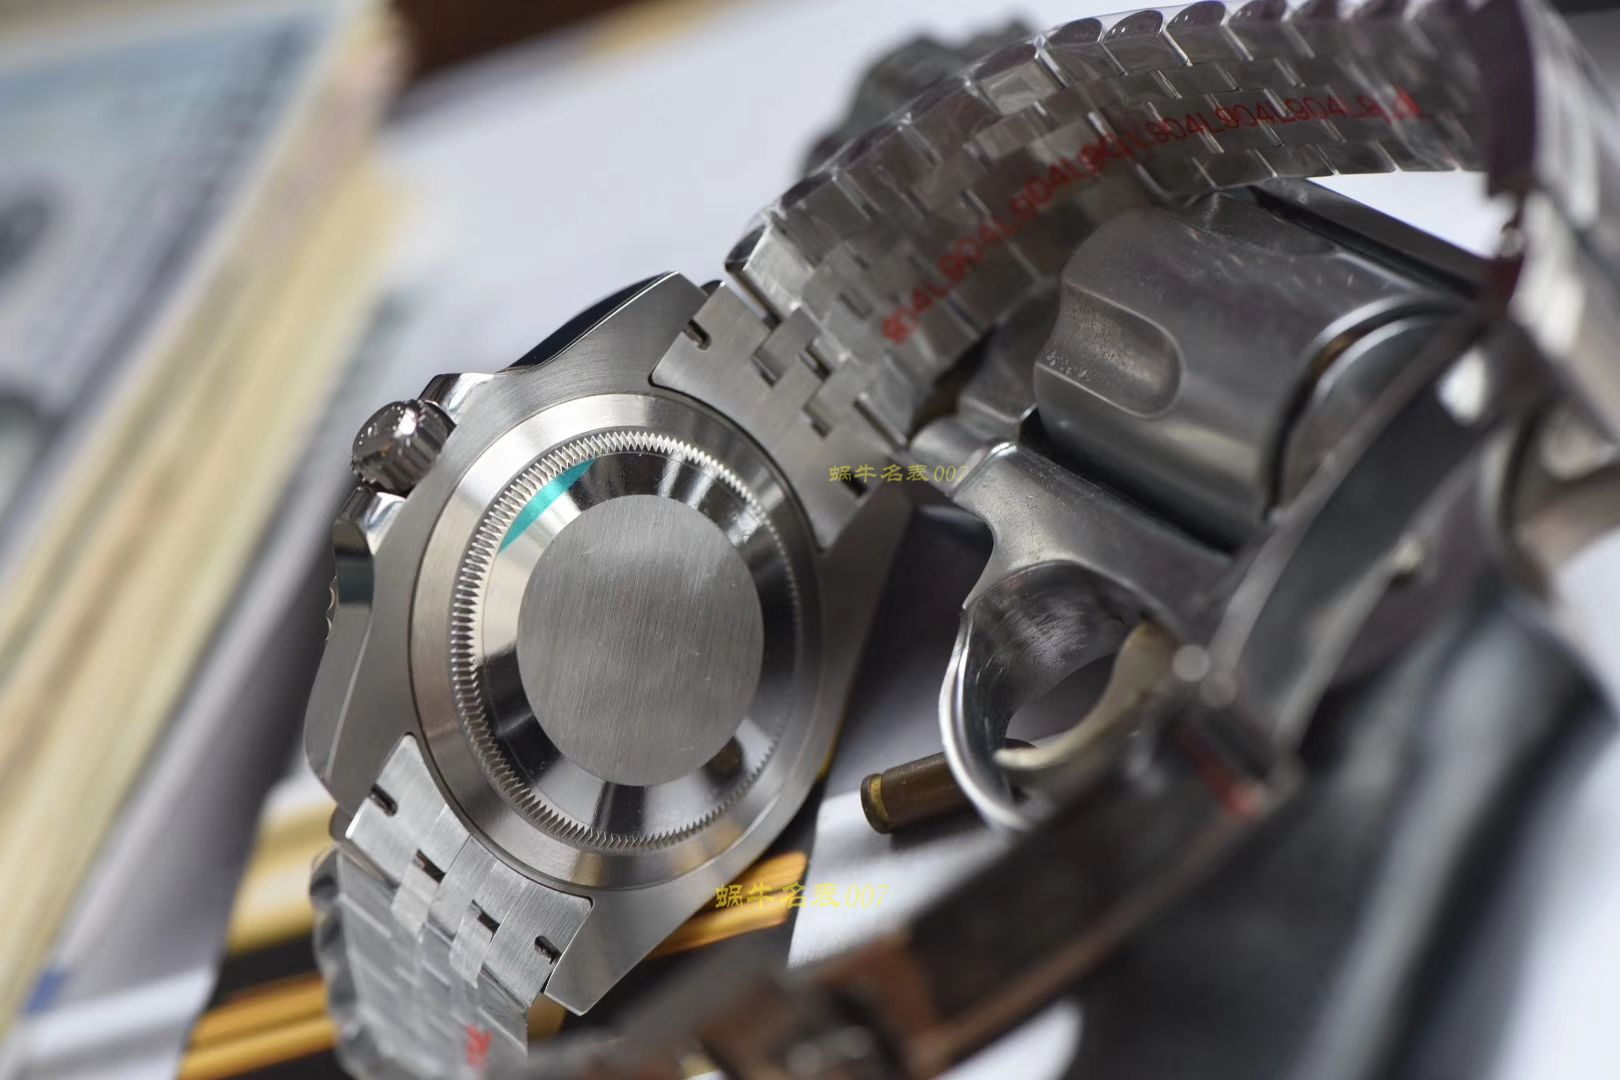 【视频讲解】劳力士格林尼治型II系列m126710blnr-0002腕表【DJ一比一复刻最新升级克隆3186机芯劳力士格林尼治型I二代黑篮圈】